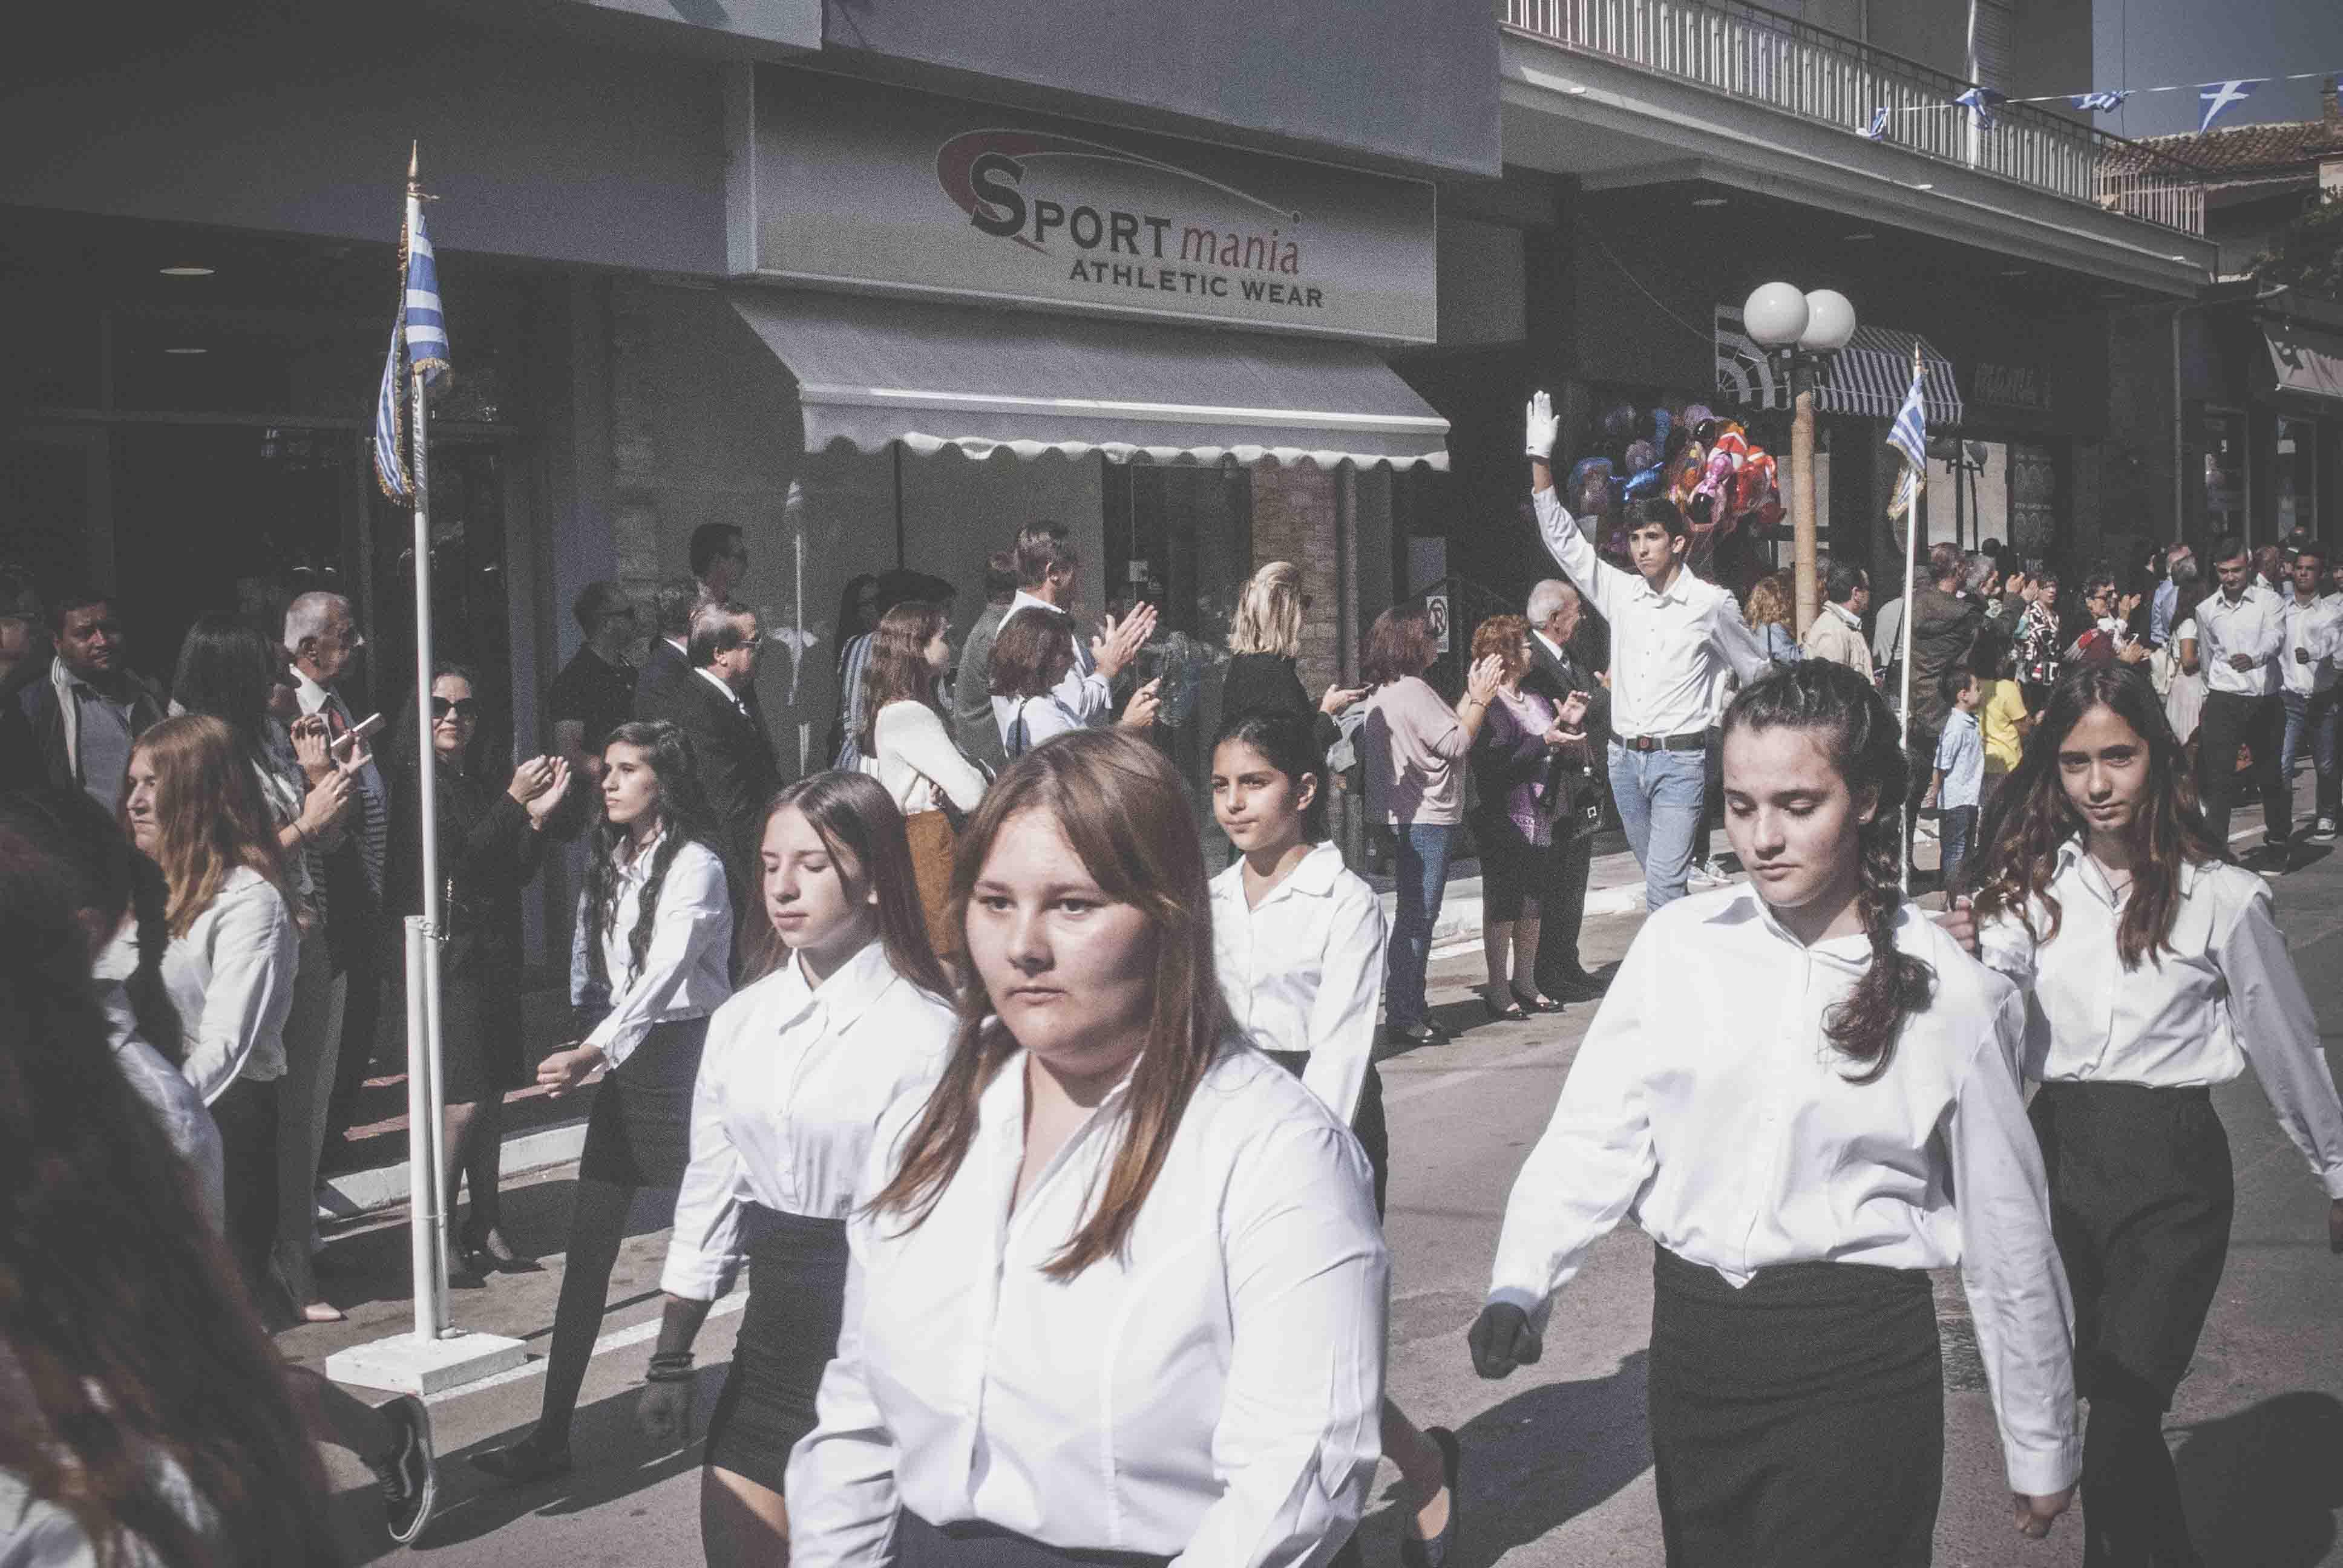 Φωτογραφικό υλικό από την παρέλαση στα Ψαχνά Φωτογραφικό υλικό από την παρέλαση στα Ψαχνά DSC 0399